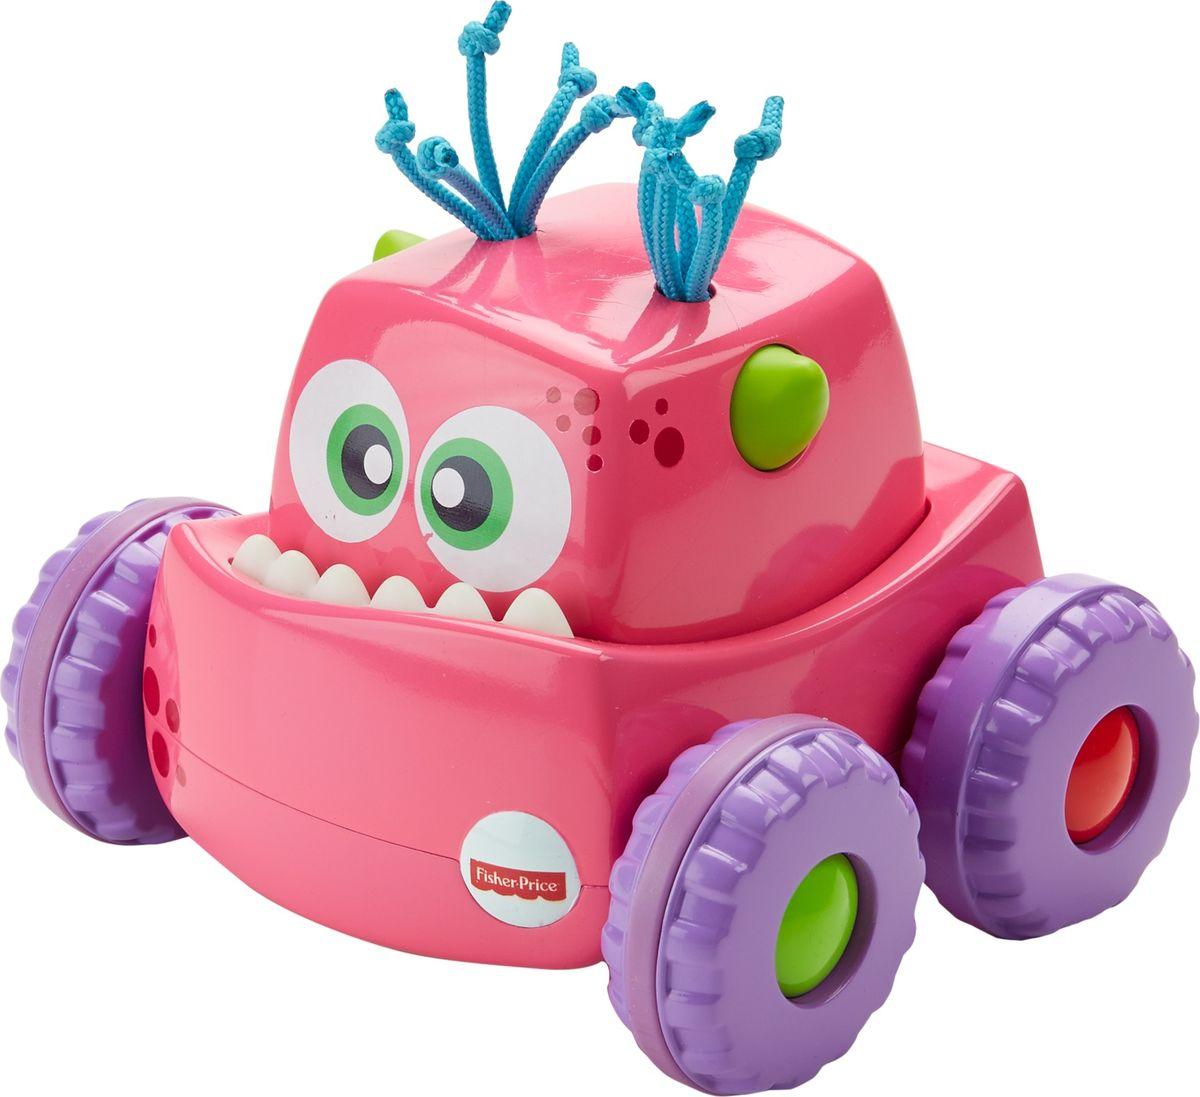 Fisher-Price Развивающая игрушка Инерционный монстрик цвет розовый fisher price развивающая игрушка пианино ученого щенка